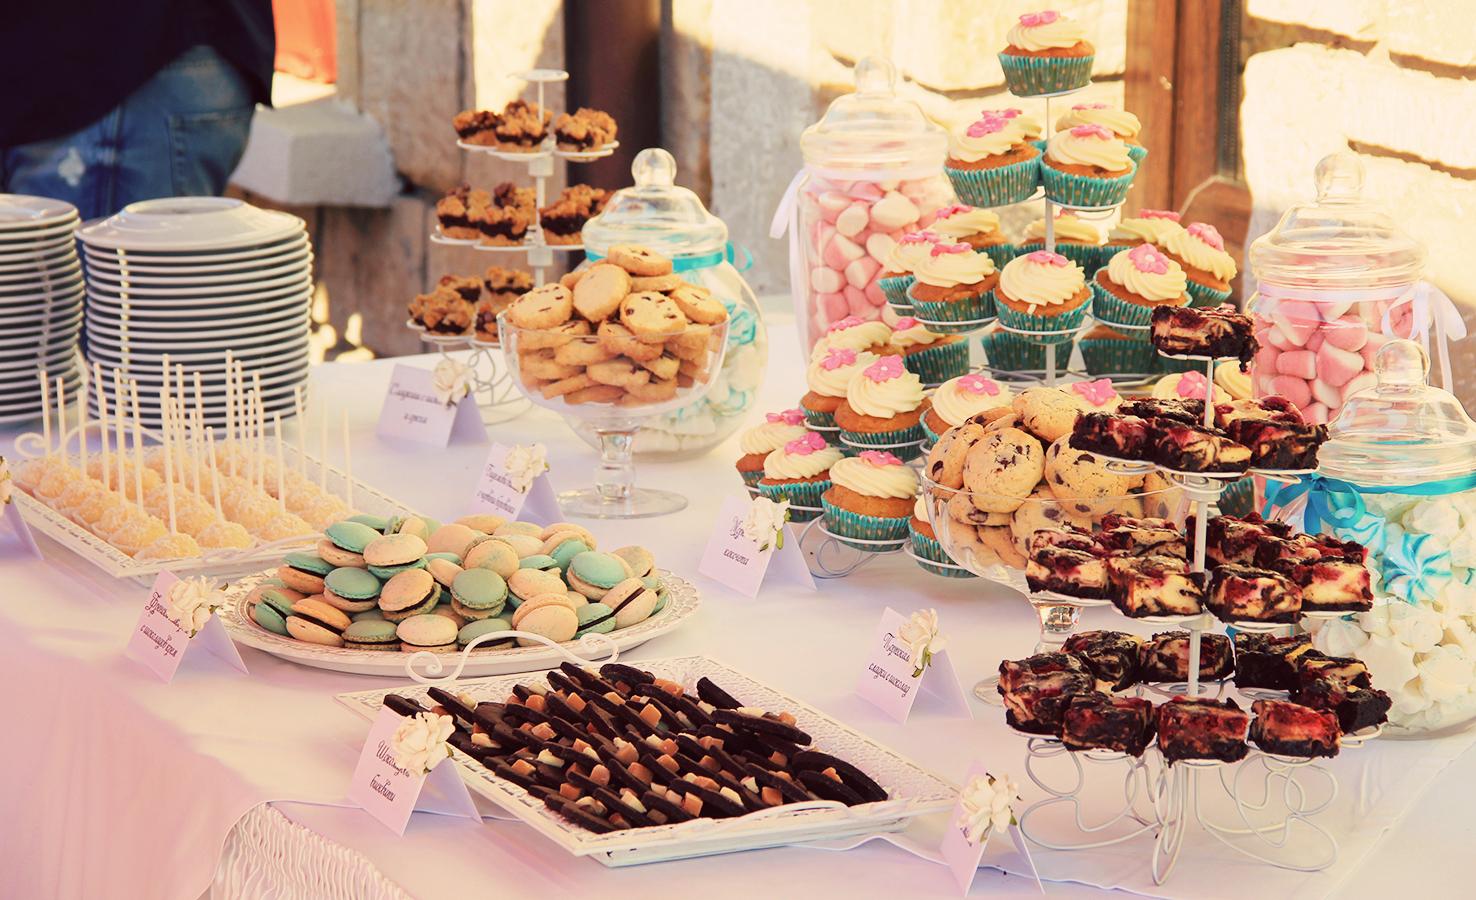 Dessert table by kupenska